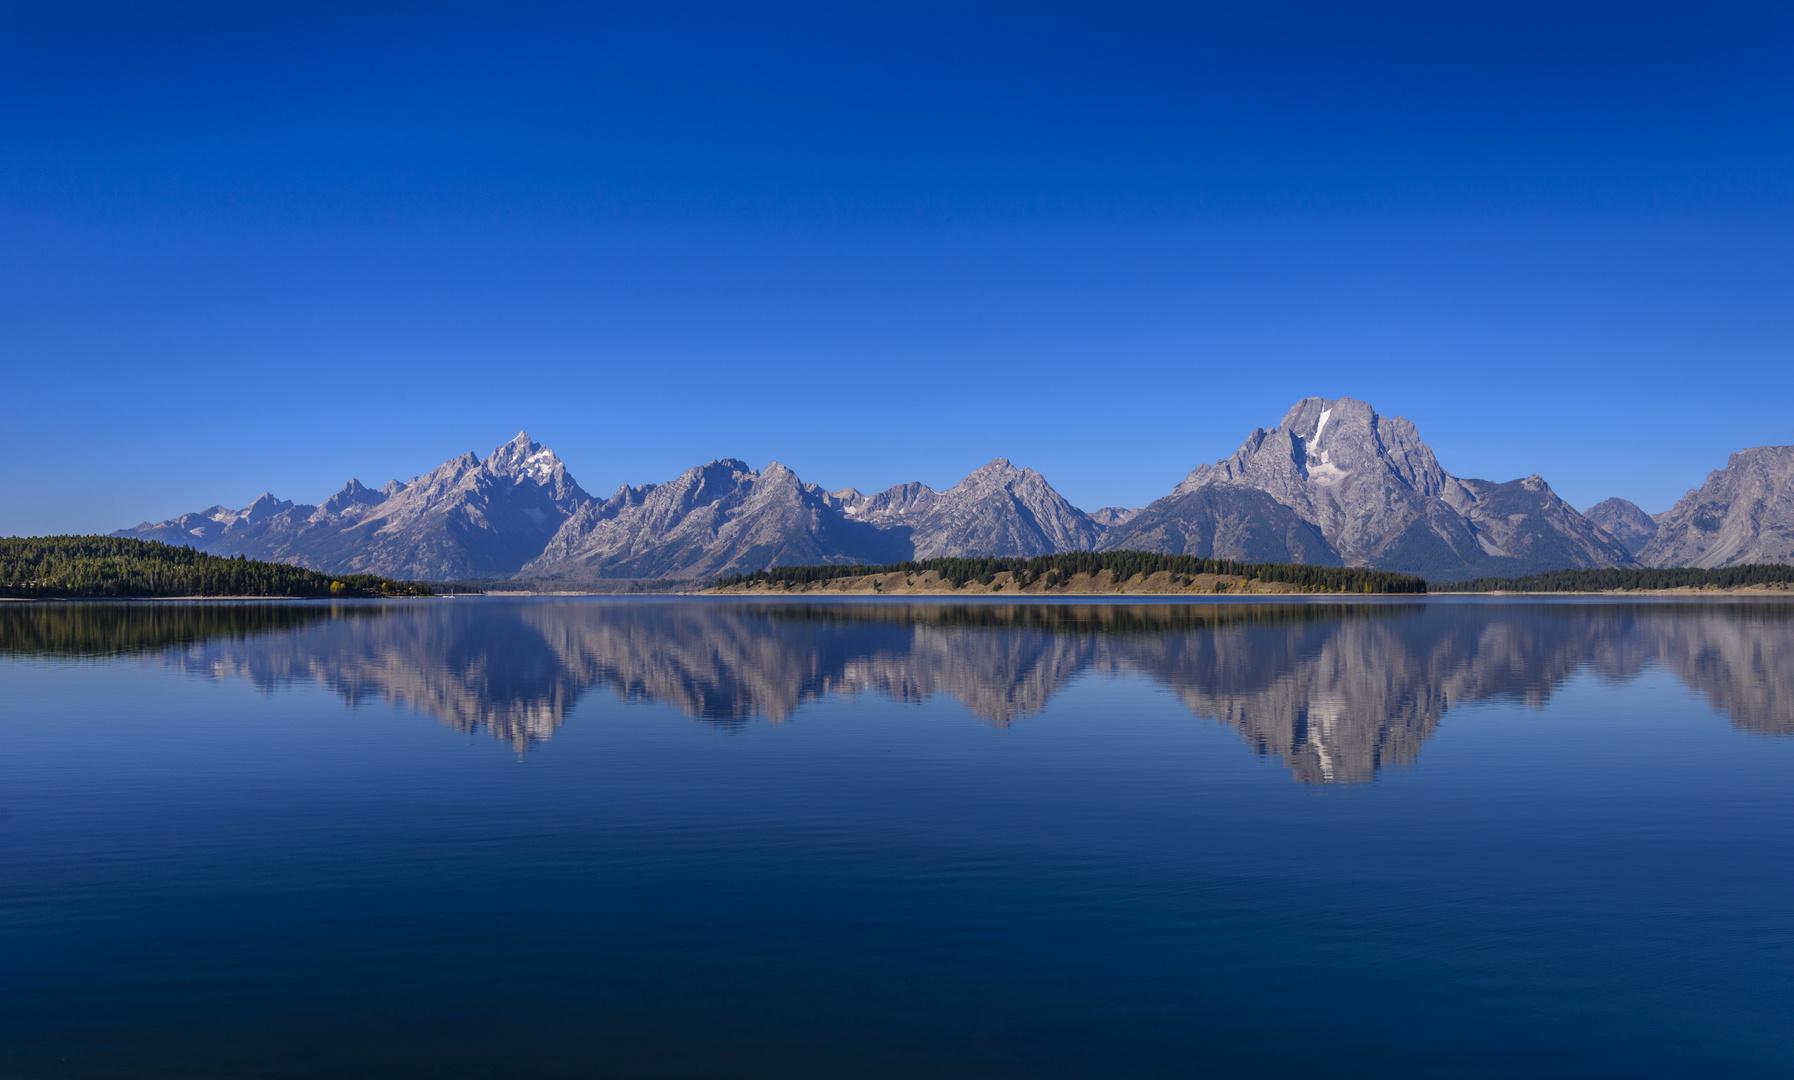 Jackson Lake gegen Teton Range, Wyoming, USA